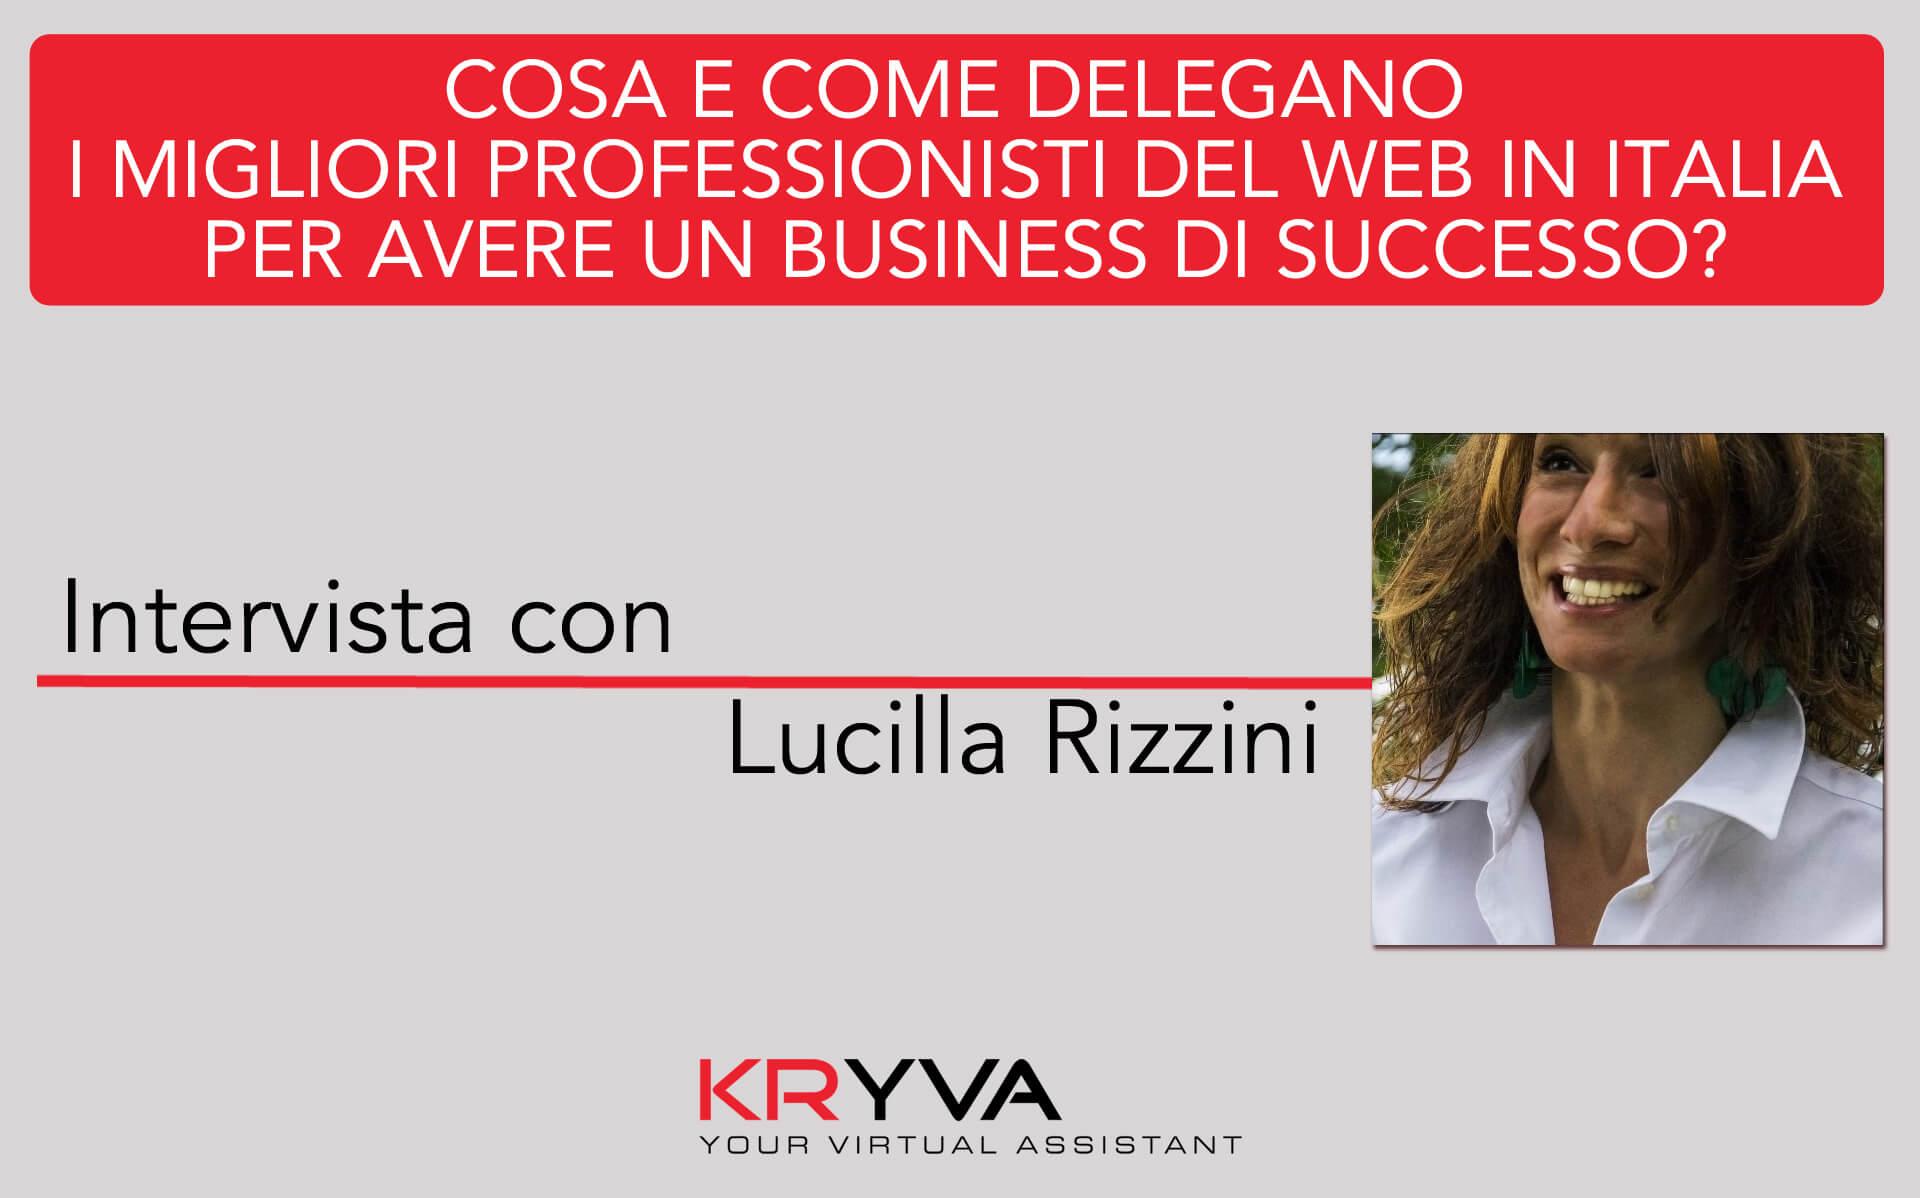 Integrità e intento, fondamenti della delega | Intervista con Lucilla Rizzini